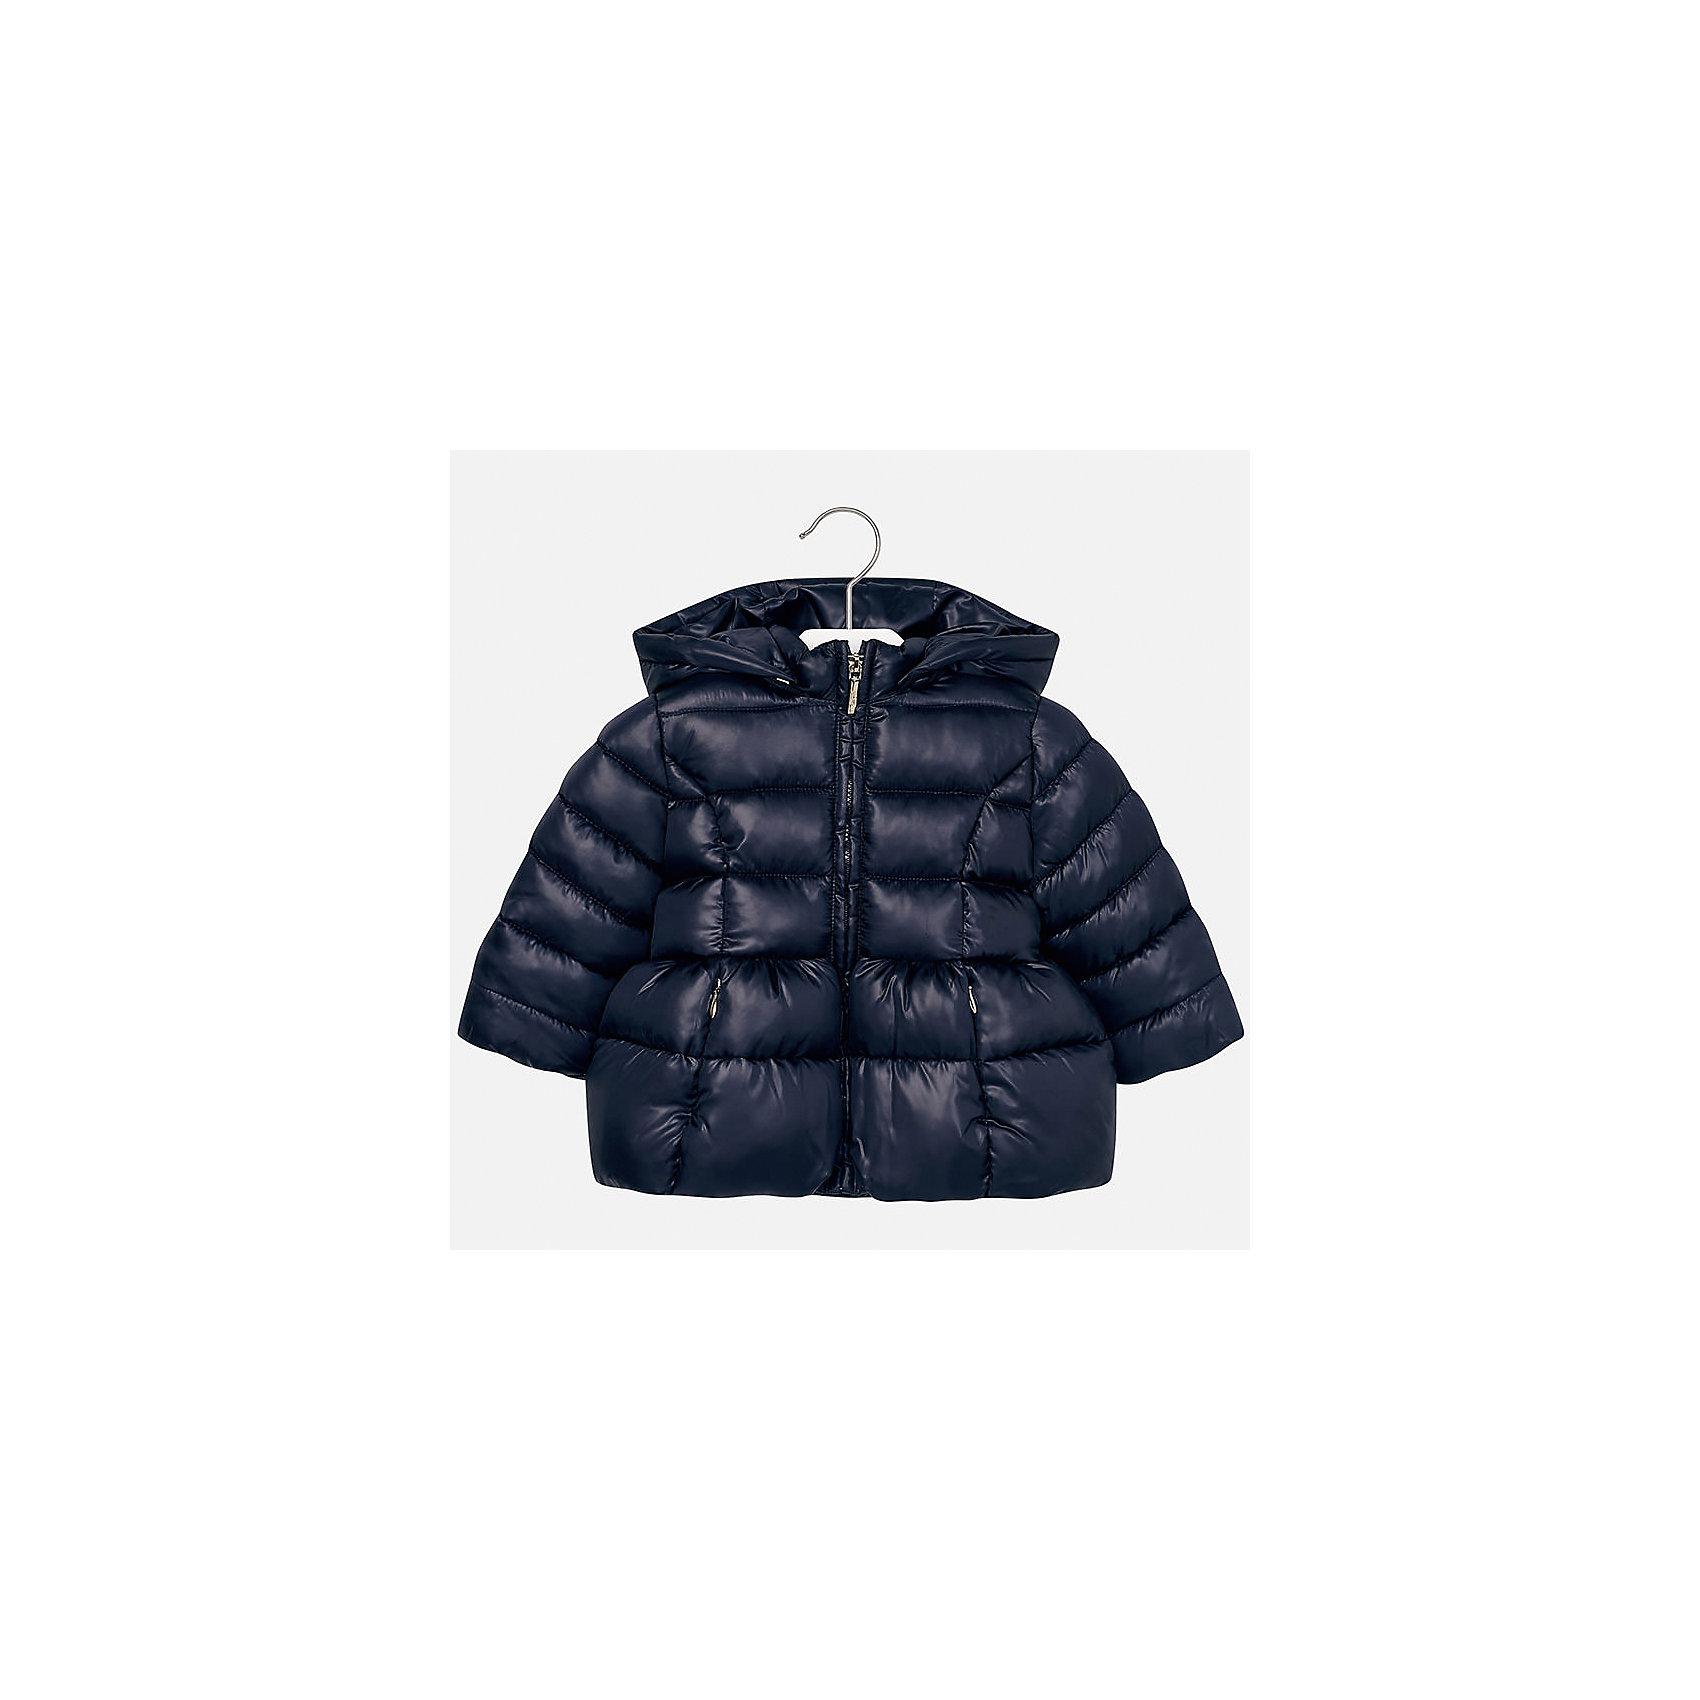 Куртка Mayoral для девочкиВерхняя одежда<br>Характеристики товара:<br><br>• цвет: синий<br>• состав ткани: 100% полиэстер<br>• подкладка: 100% полиэстер<br>• утеплитель: 100% полиэстер<br>• сезон: демисезон<br>• температурный режим: от -10 до +10<br>• особенности куртки: дутая, с капюшоном<br>• капюшон: съемный, с рюшами<br>• застежка: молния<br>• страна бренда: Испания<br>• страна изготовитель: Индия<br><br>Теплая демисезонная детская куртка подойдет для переменной погоды. Отличный способ обеспечить ребенку комфорт - надеть теплую куртку от Mayoral. Детская куртка сшита из легкого материала. Куртка для девочки Mayoral дополнена теплой подкладкой. <br><br>Куртку для девочки Mayoral (Майорал) можно купить в нашем интернет-магазине.<br><br>Ширина мм: 356<br>Глубина мм: 10<br>Высота мм: 245<br>Вес г: 519<br>Цвет: синий<br>Возраст от месяцев: 24<br>Возраст до месяцев: 36<br>Пол: Женский<br>Возраст: Детский<br>Размер: 98,80,86,92<br>SKU: 6920059